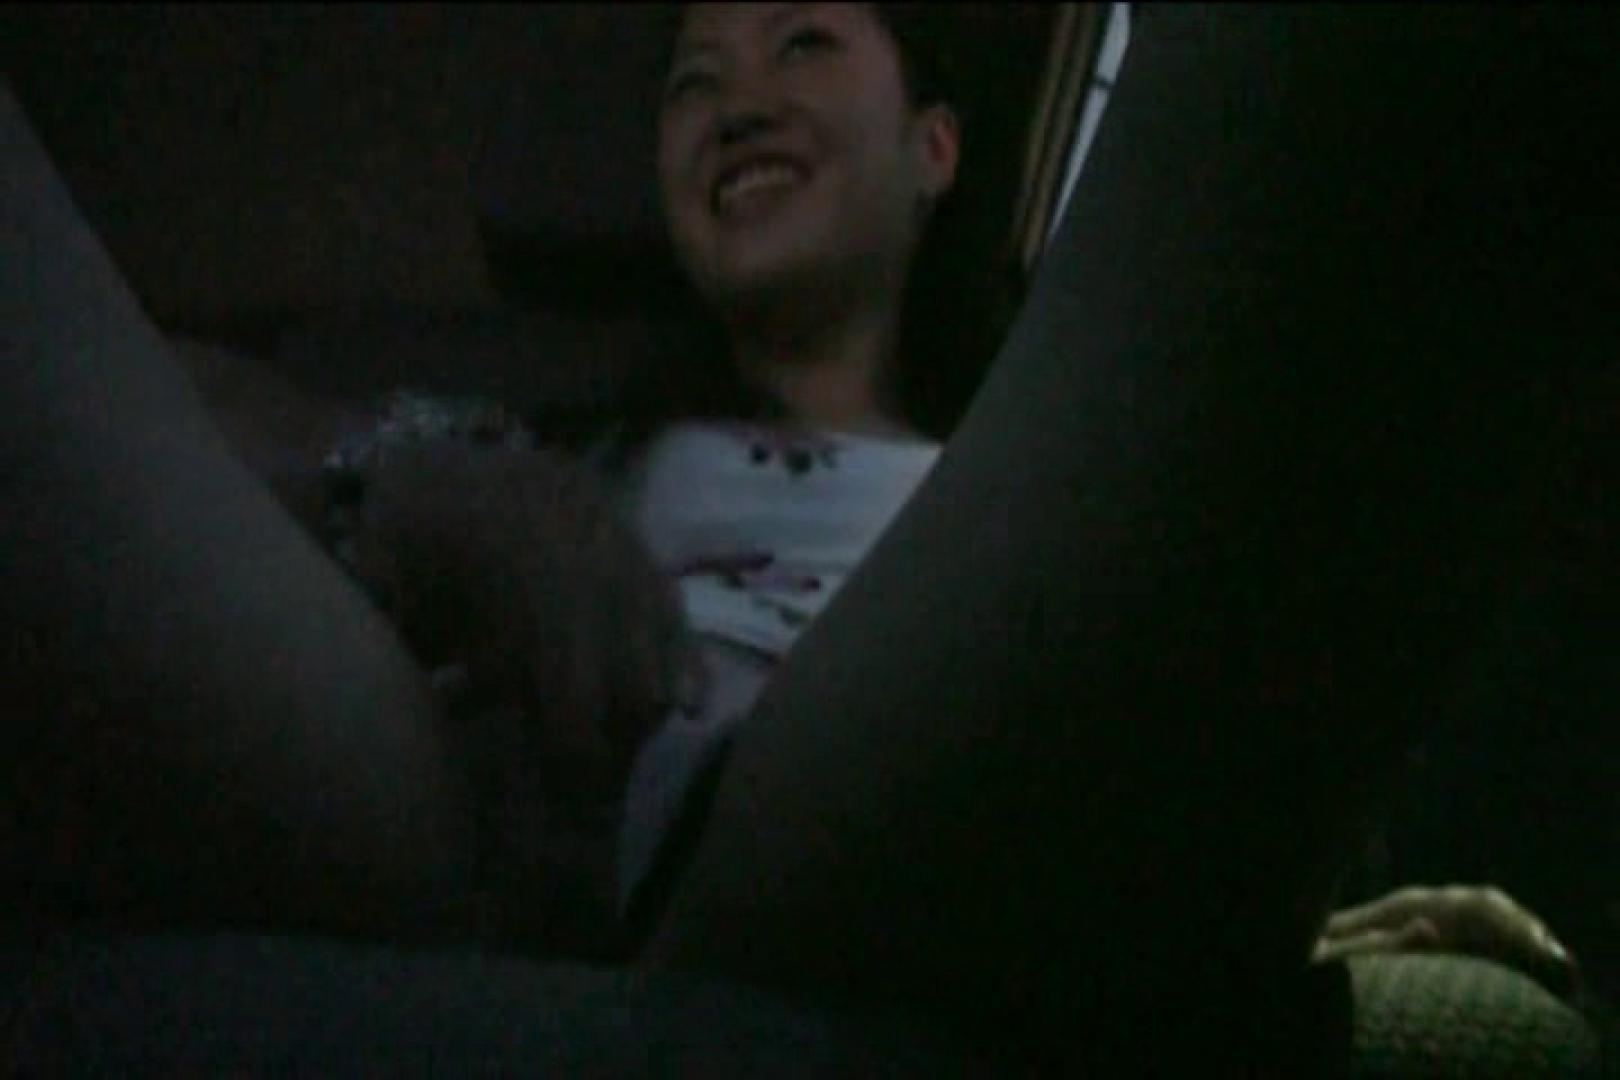 車内で初めまして! vol01 盗撮シリーズ オメコ無修正動画無料 102PIX 62